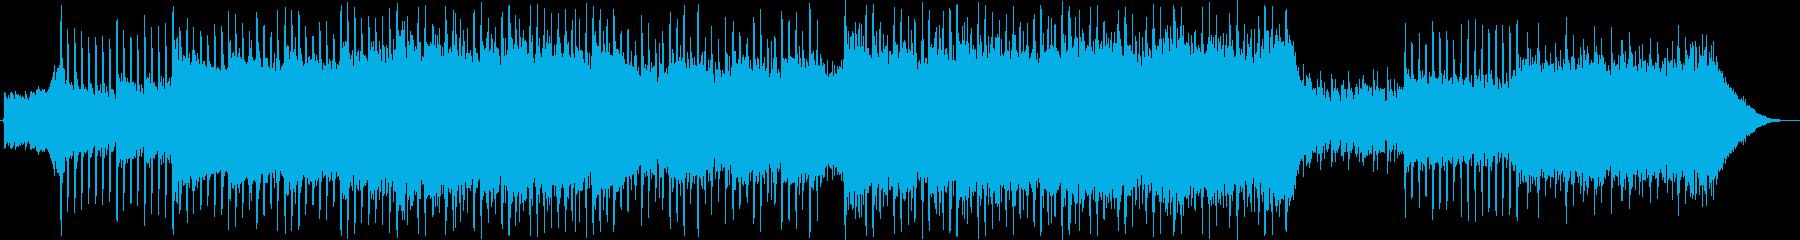 インディーロック 企業イメージ ポ...の再生済みの波形